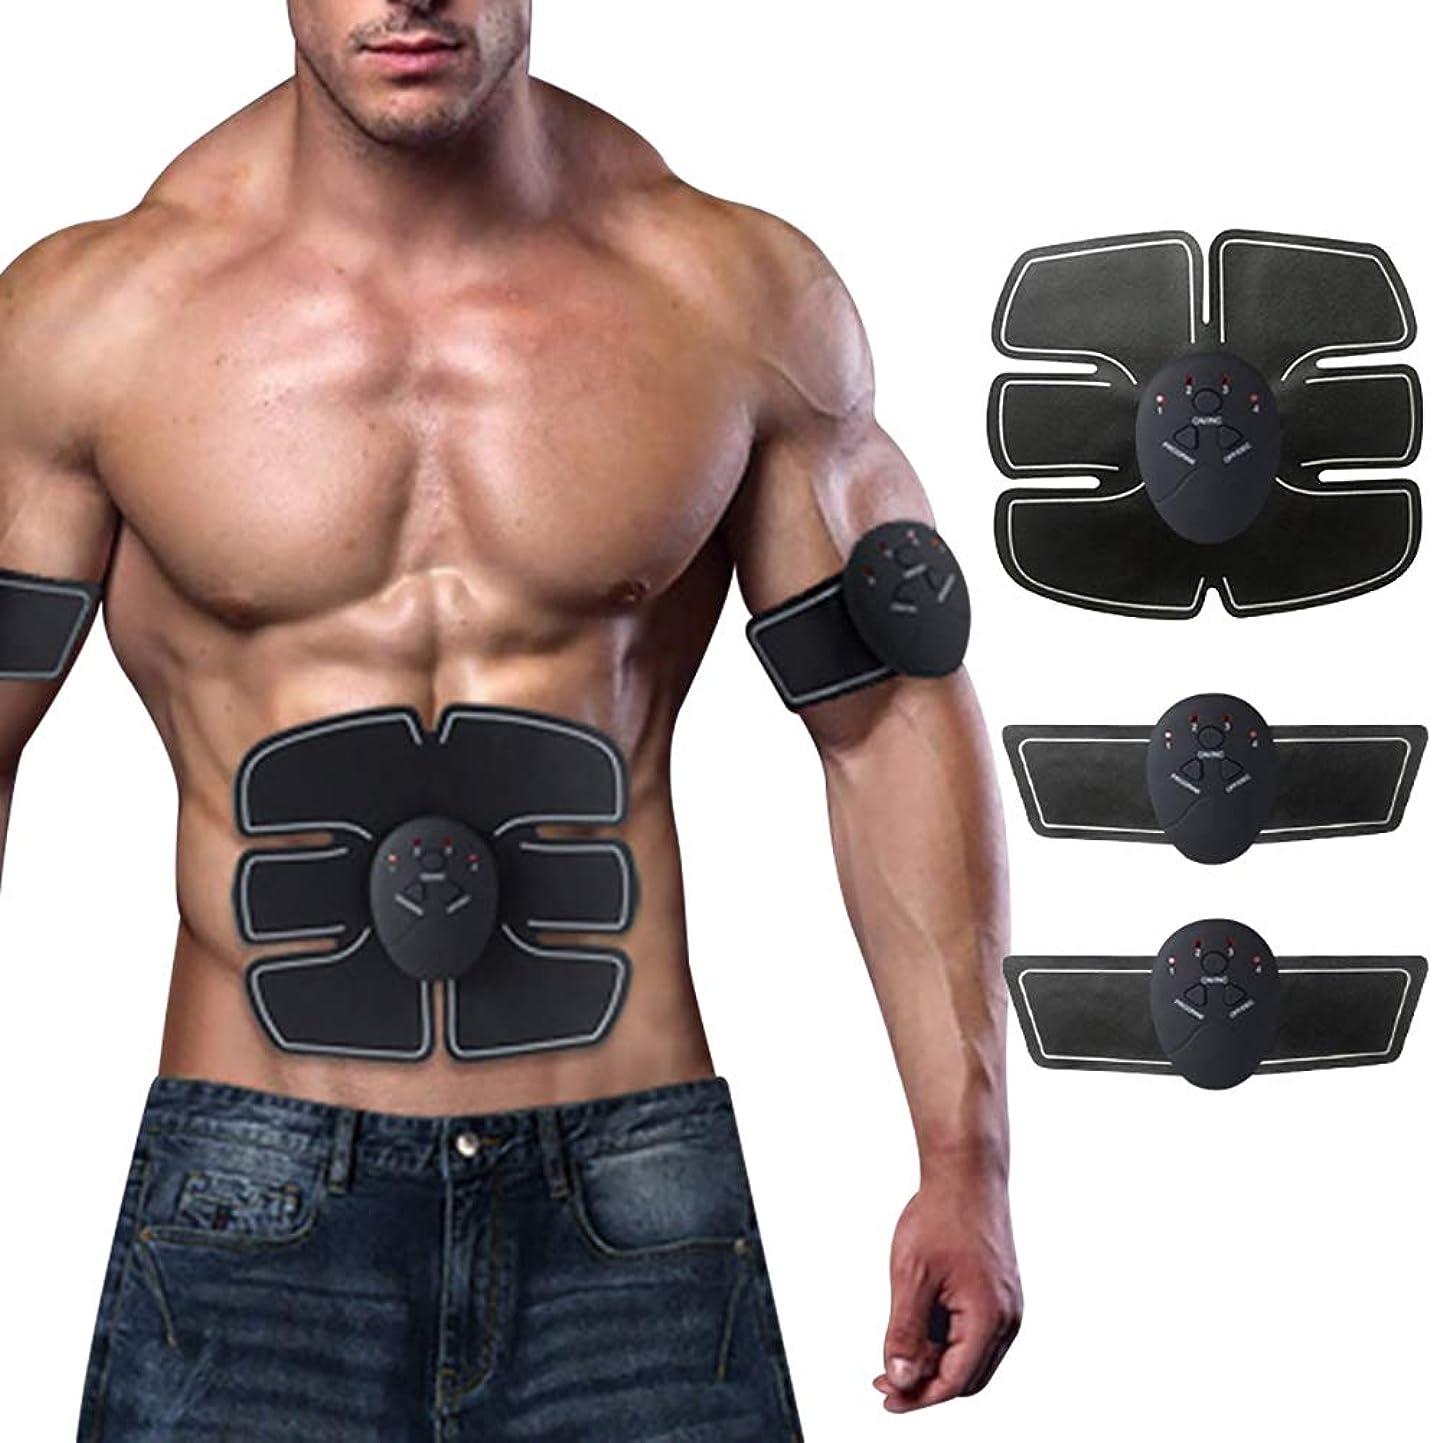 問い合わせる退屈十スマートフィットネス腹部器具、EMSテクノロジー腹部および腕筋刺激トレーナー筋肉運動怠Exerciseな家族フィットネス機器,A,Charging